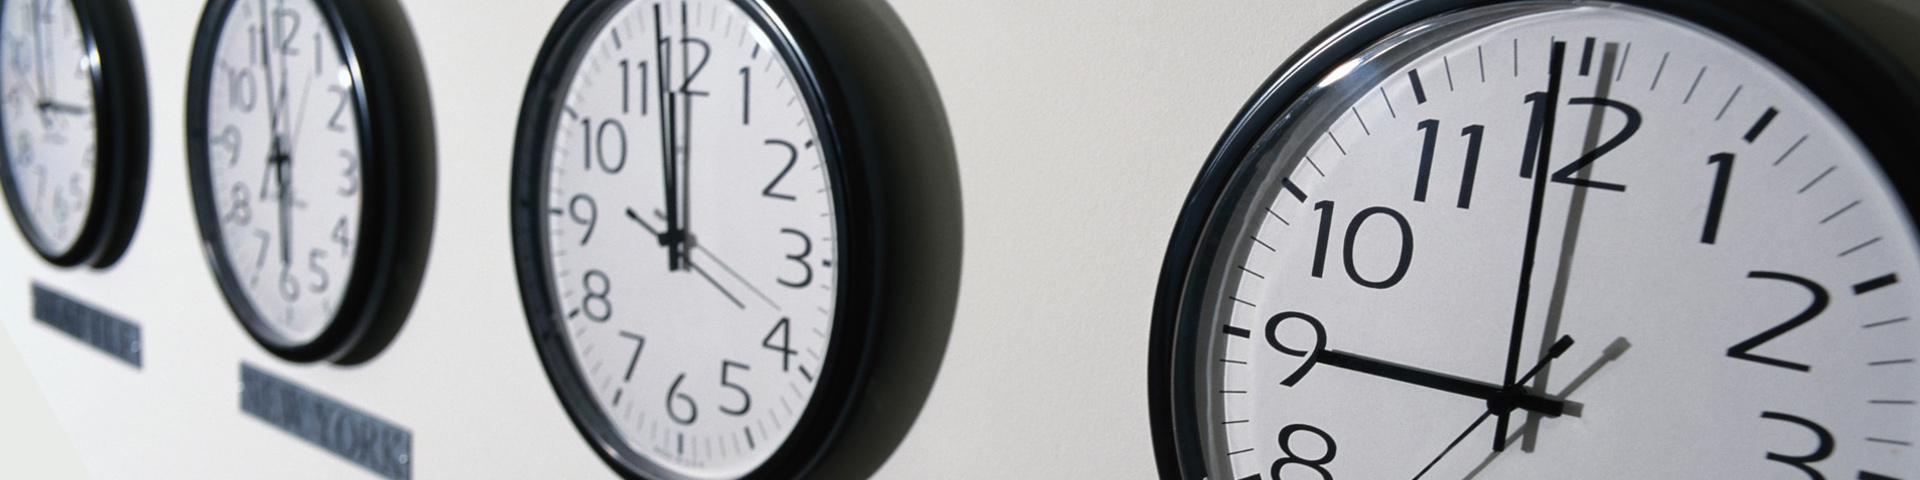 Notfall- und Länderinformationen: Uhren mit den Zeiten von New York und London, und andere Infos rund ums Reisen.